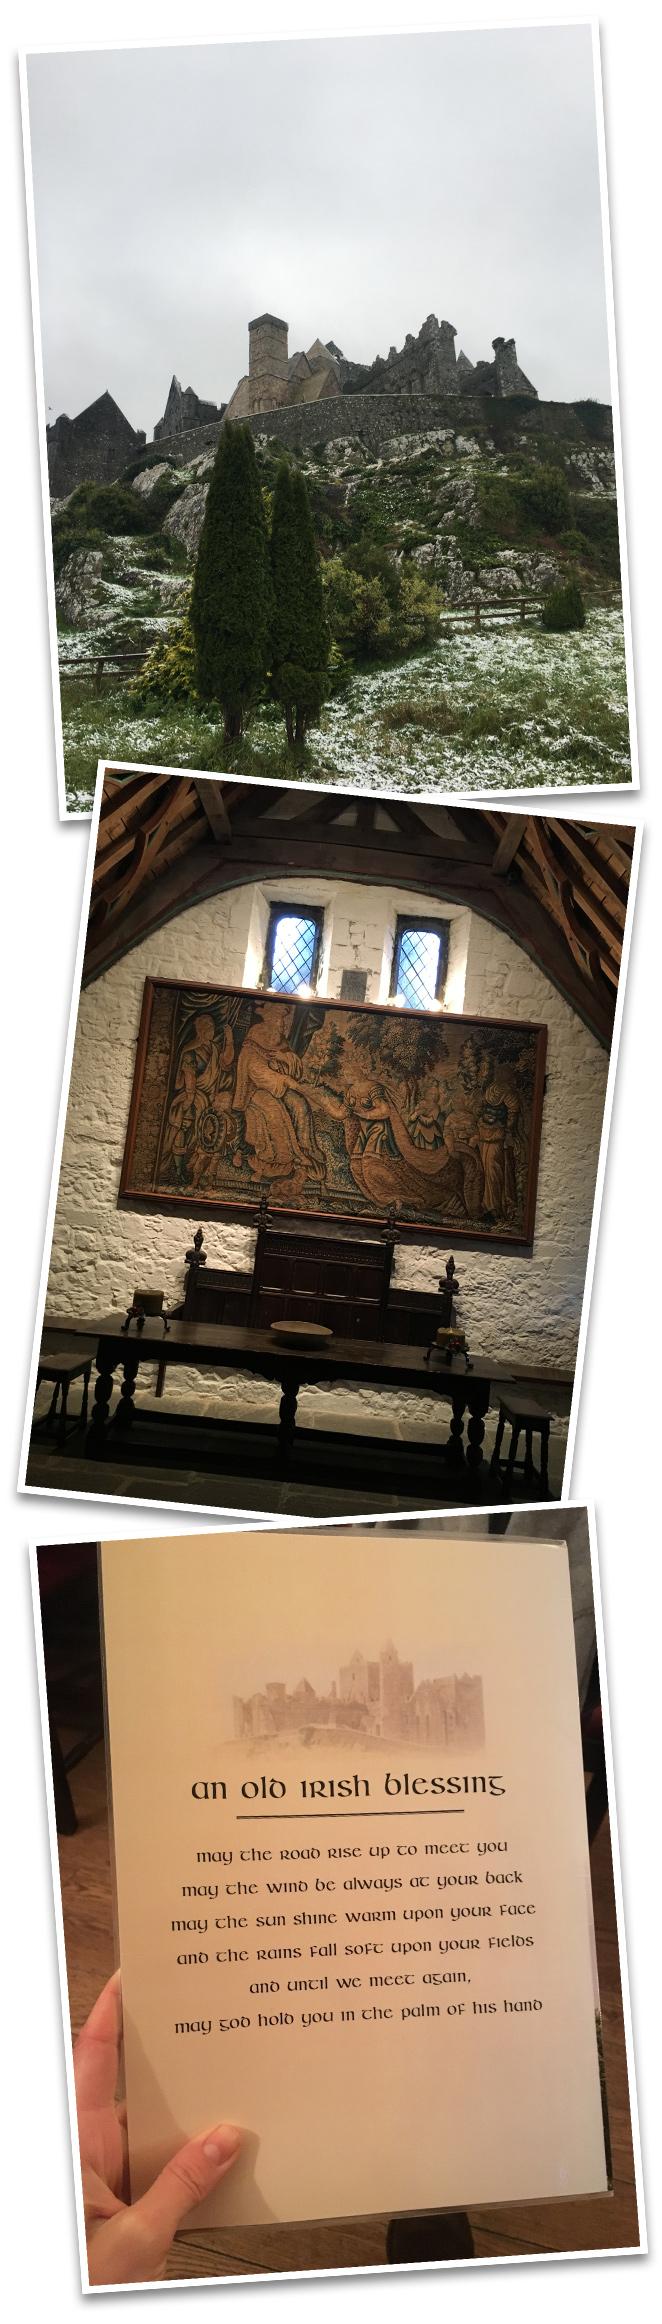 Y la última parte de mi fantástica experiencia en Irlanda (que se me hizo cortísima, por cierto!!) fue en los pueblos de Cashel y Kilkenny donde se pueden visitar espectaculares castillos de la época medieval.